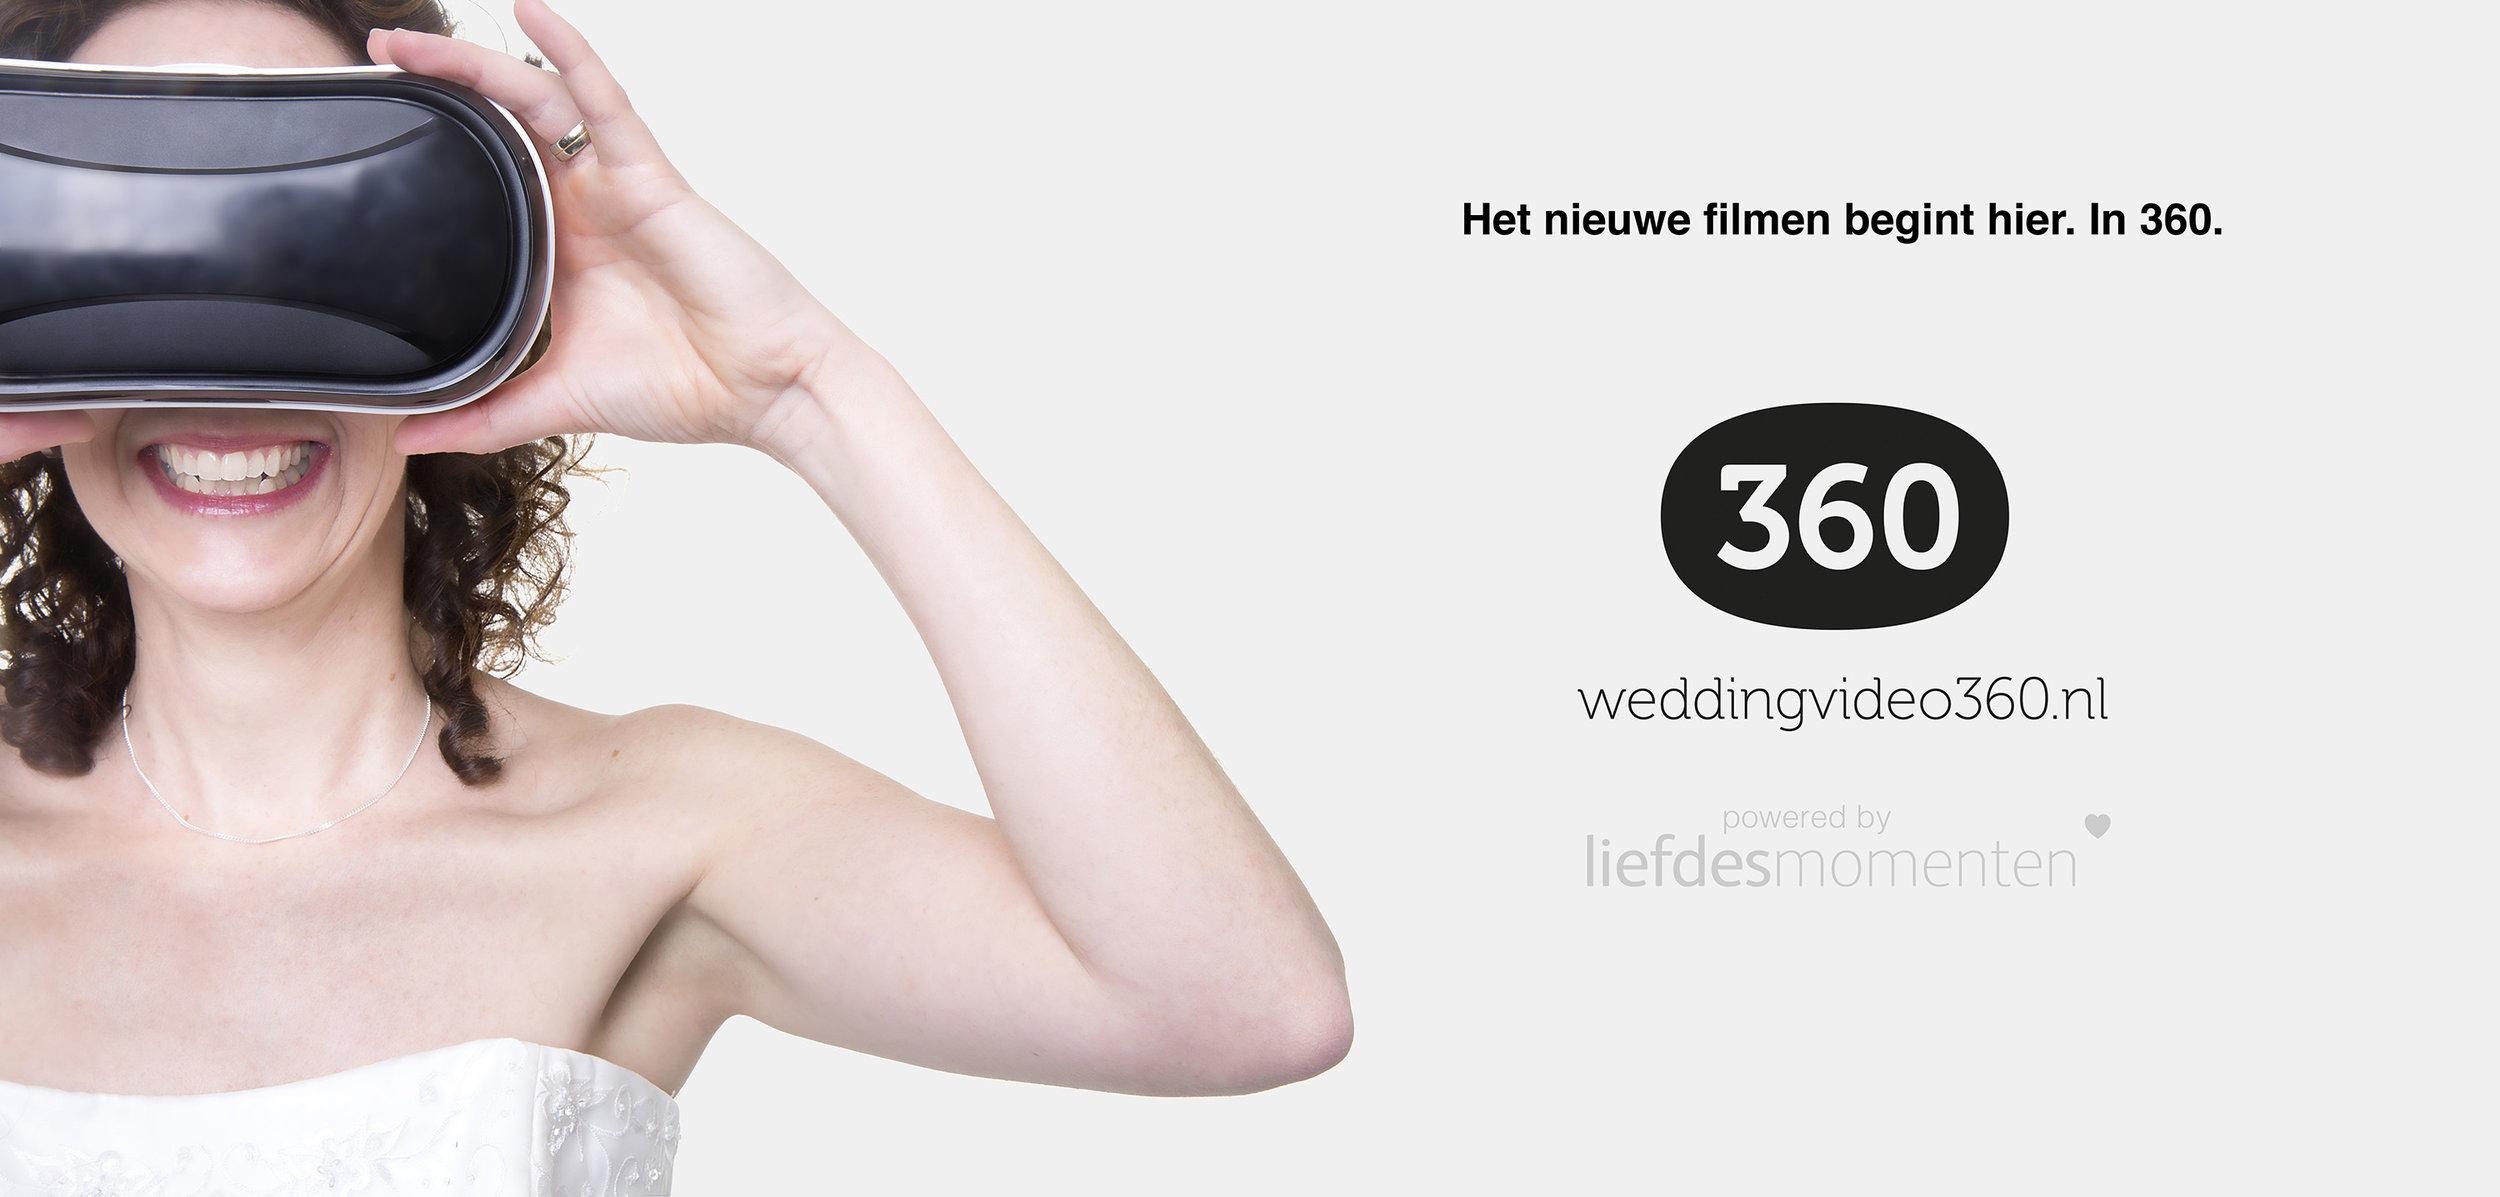 wedding video 360 powered by liefdesmomenten